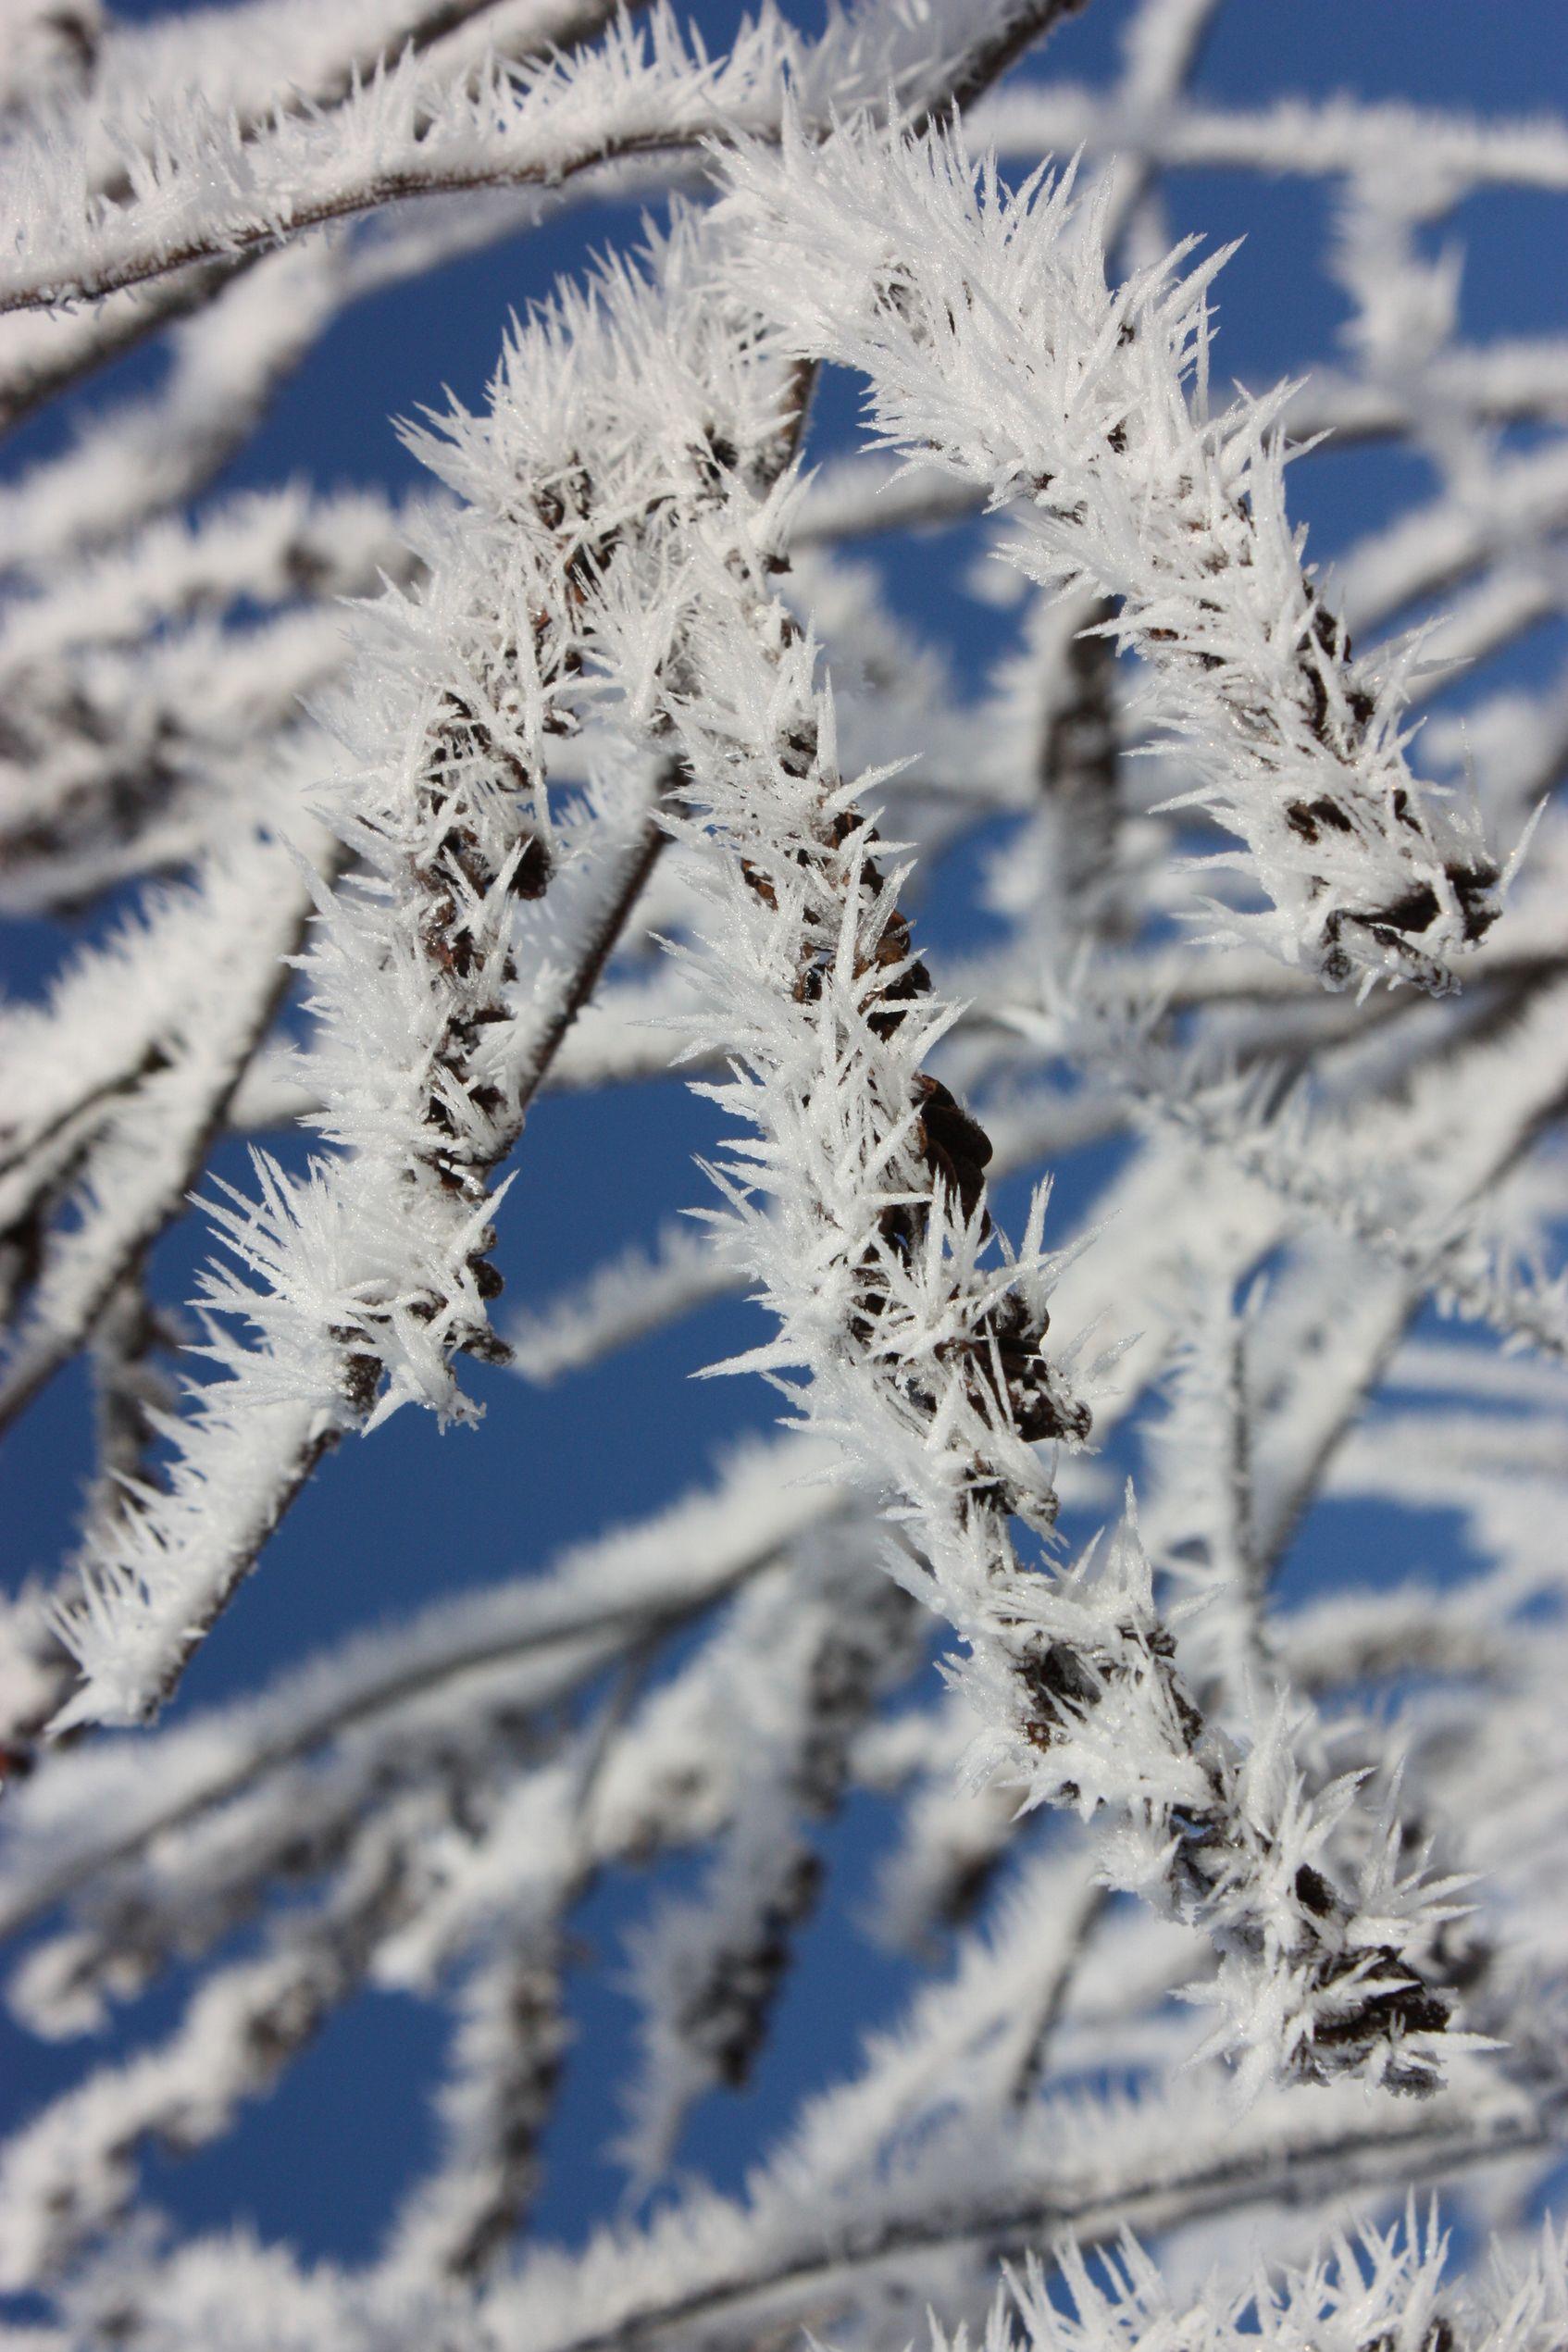 水蒸気の華 北越雪譜、小出の「シガ」_e0150433_1541733.jpg